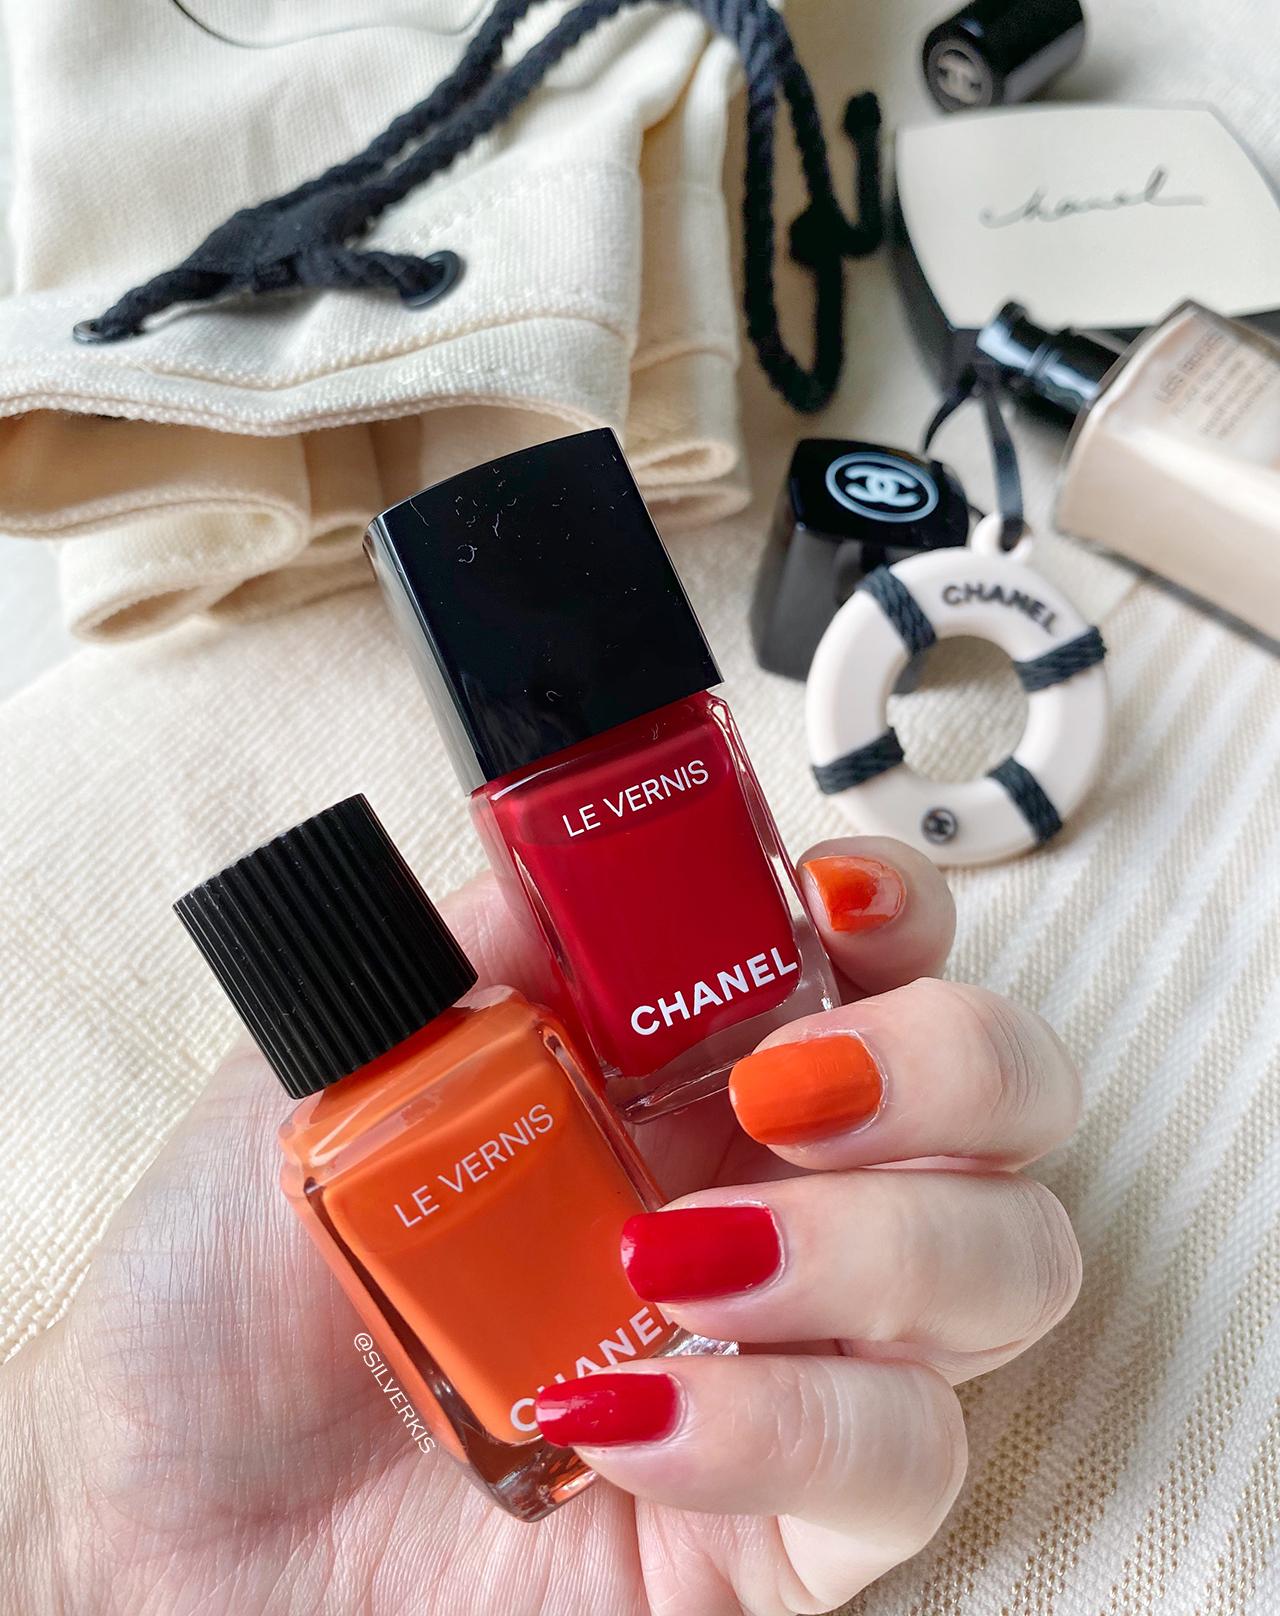 Chanel Les Beiges 2020 Le Vernis Cruise & Sailor